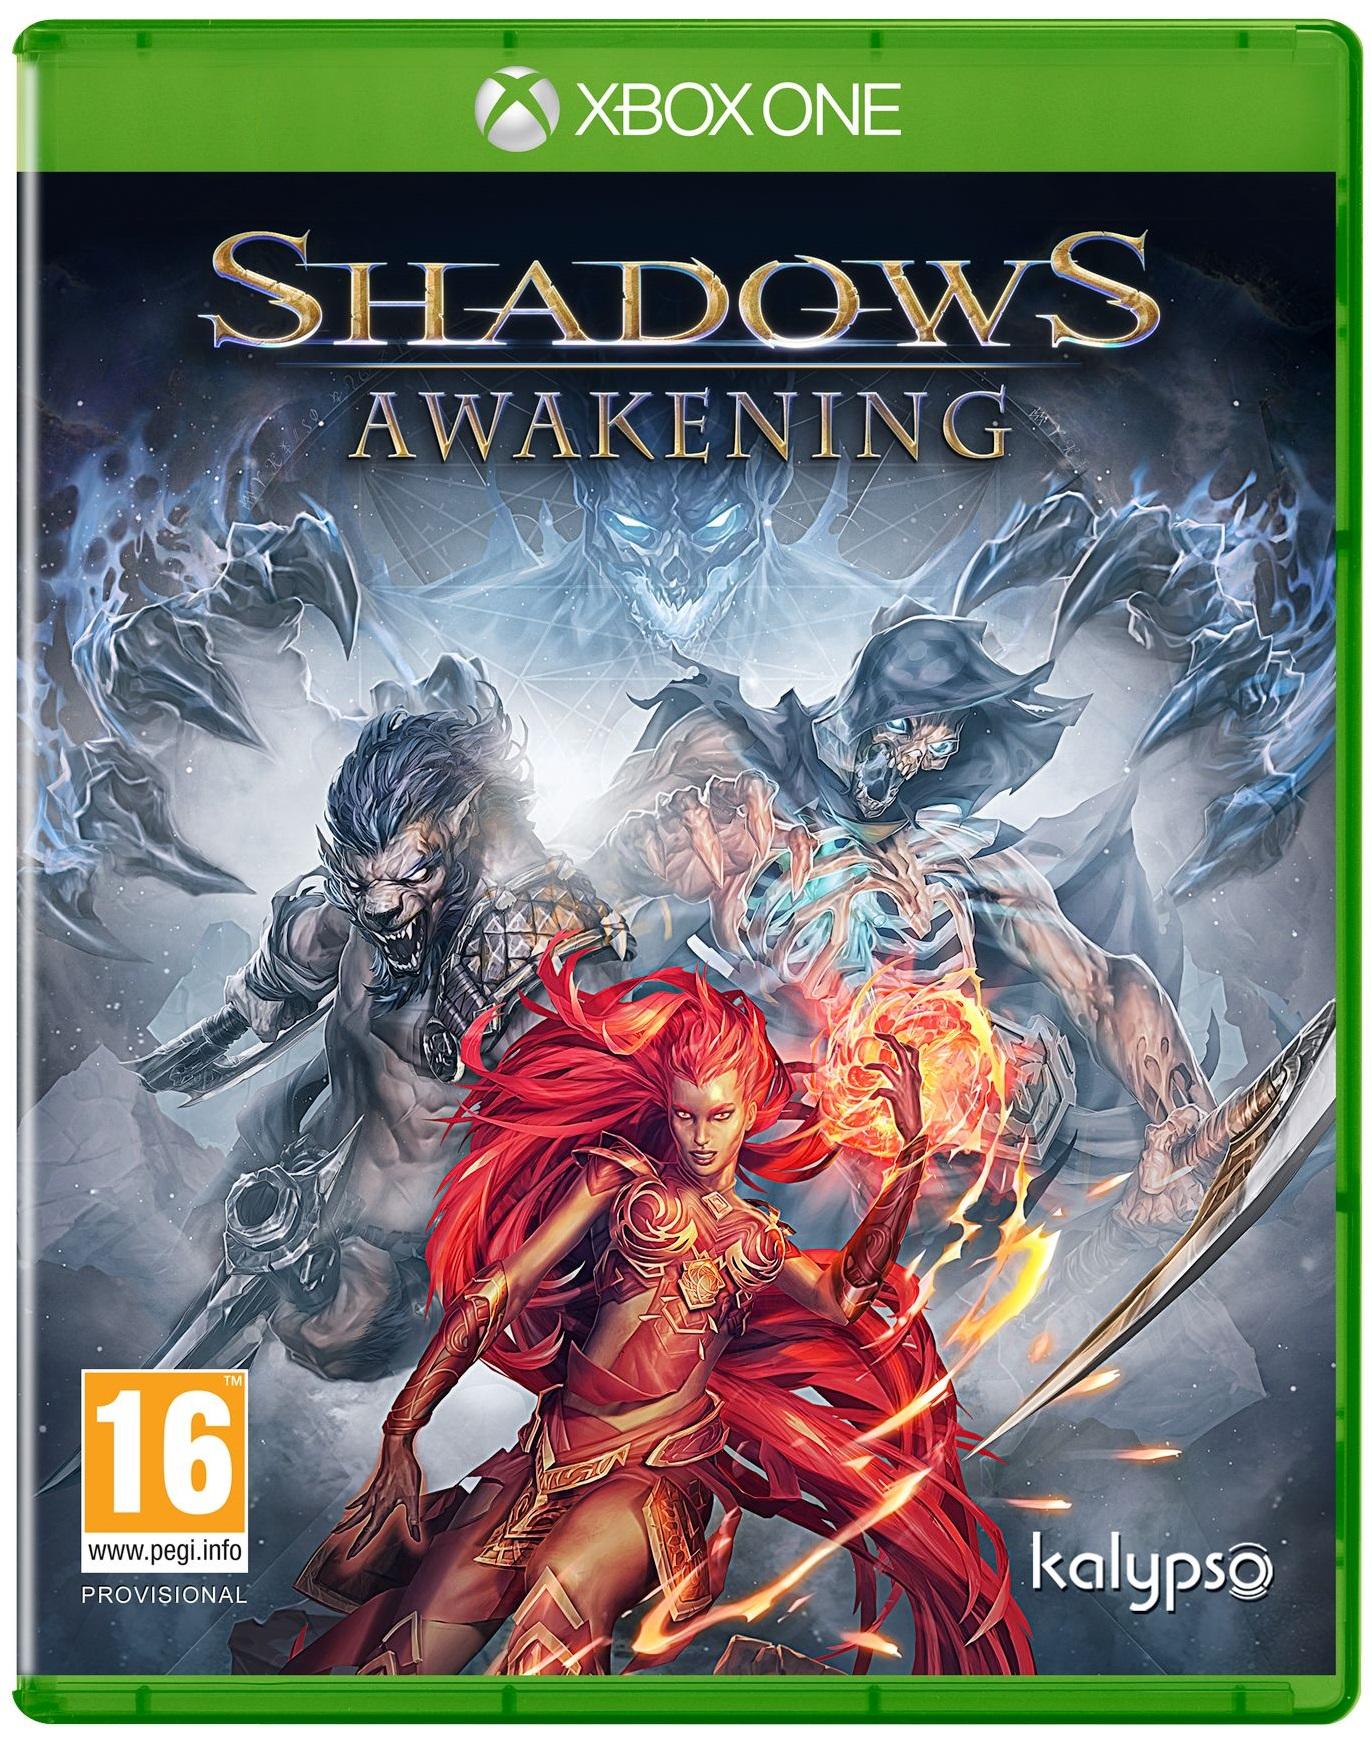 Shadows: Awakening (XONE)